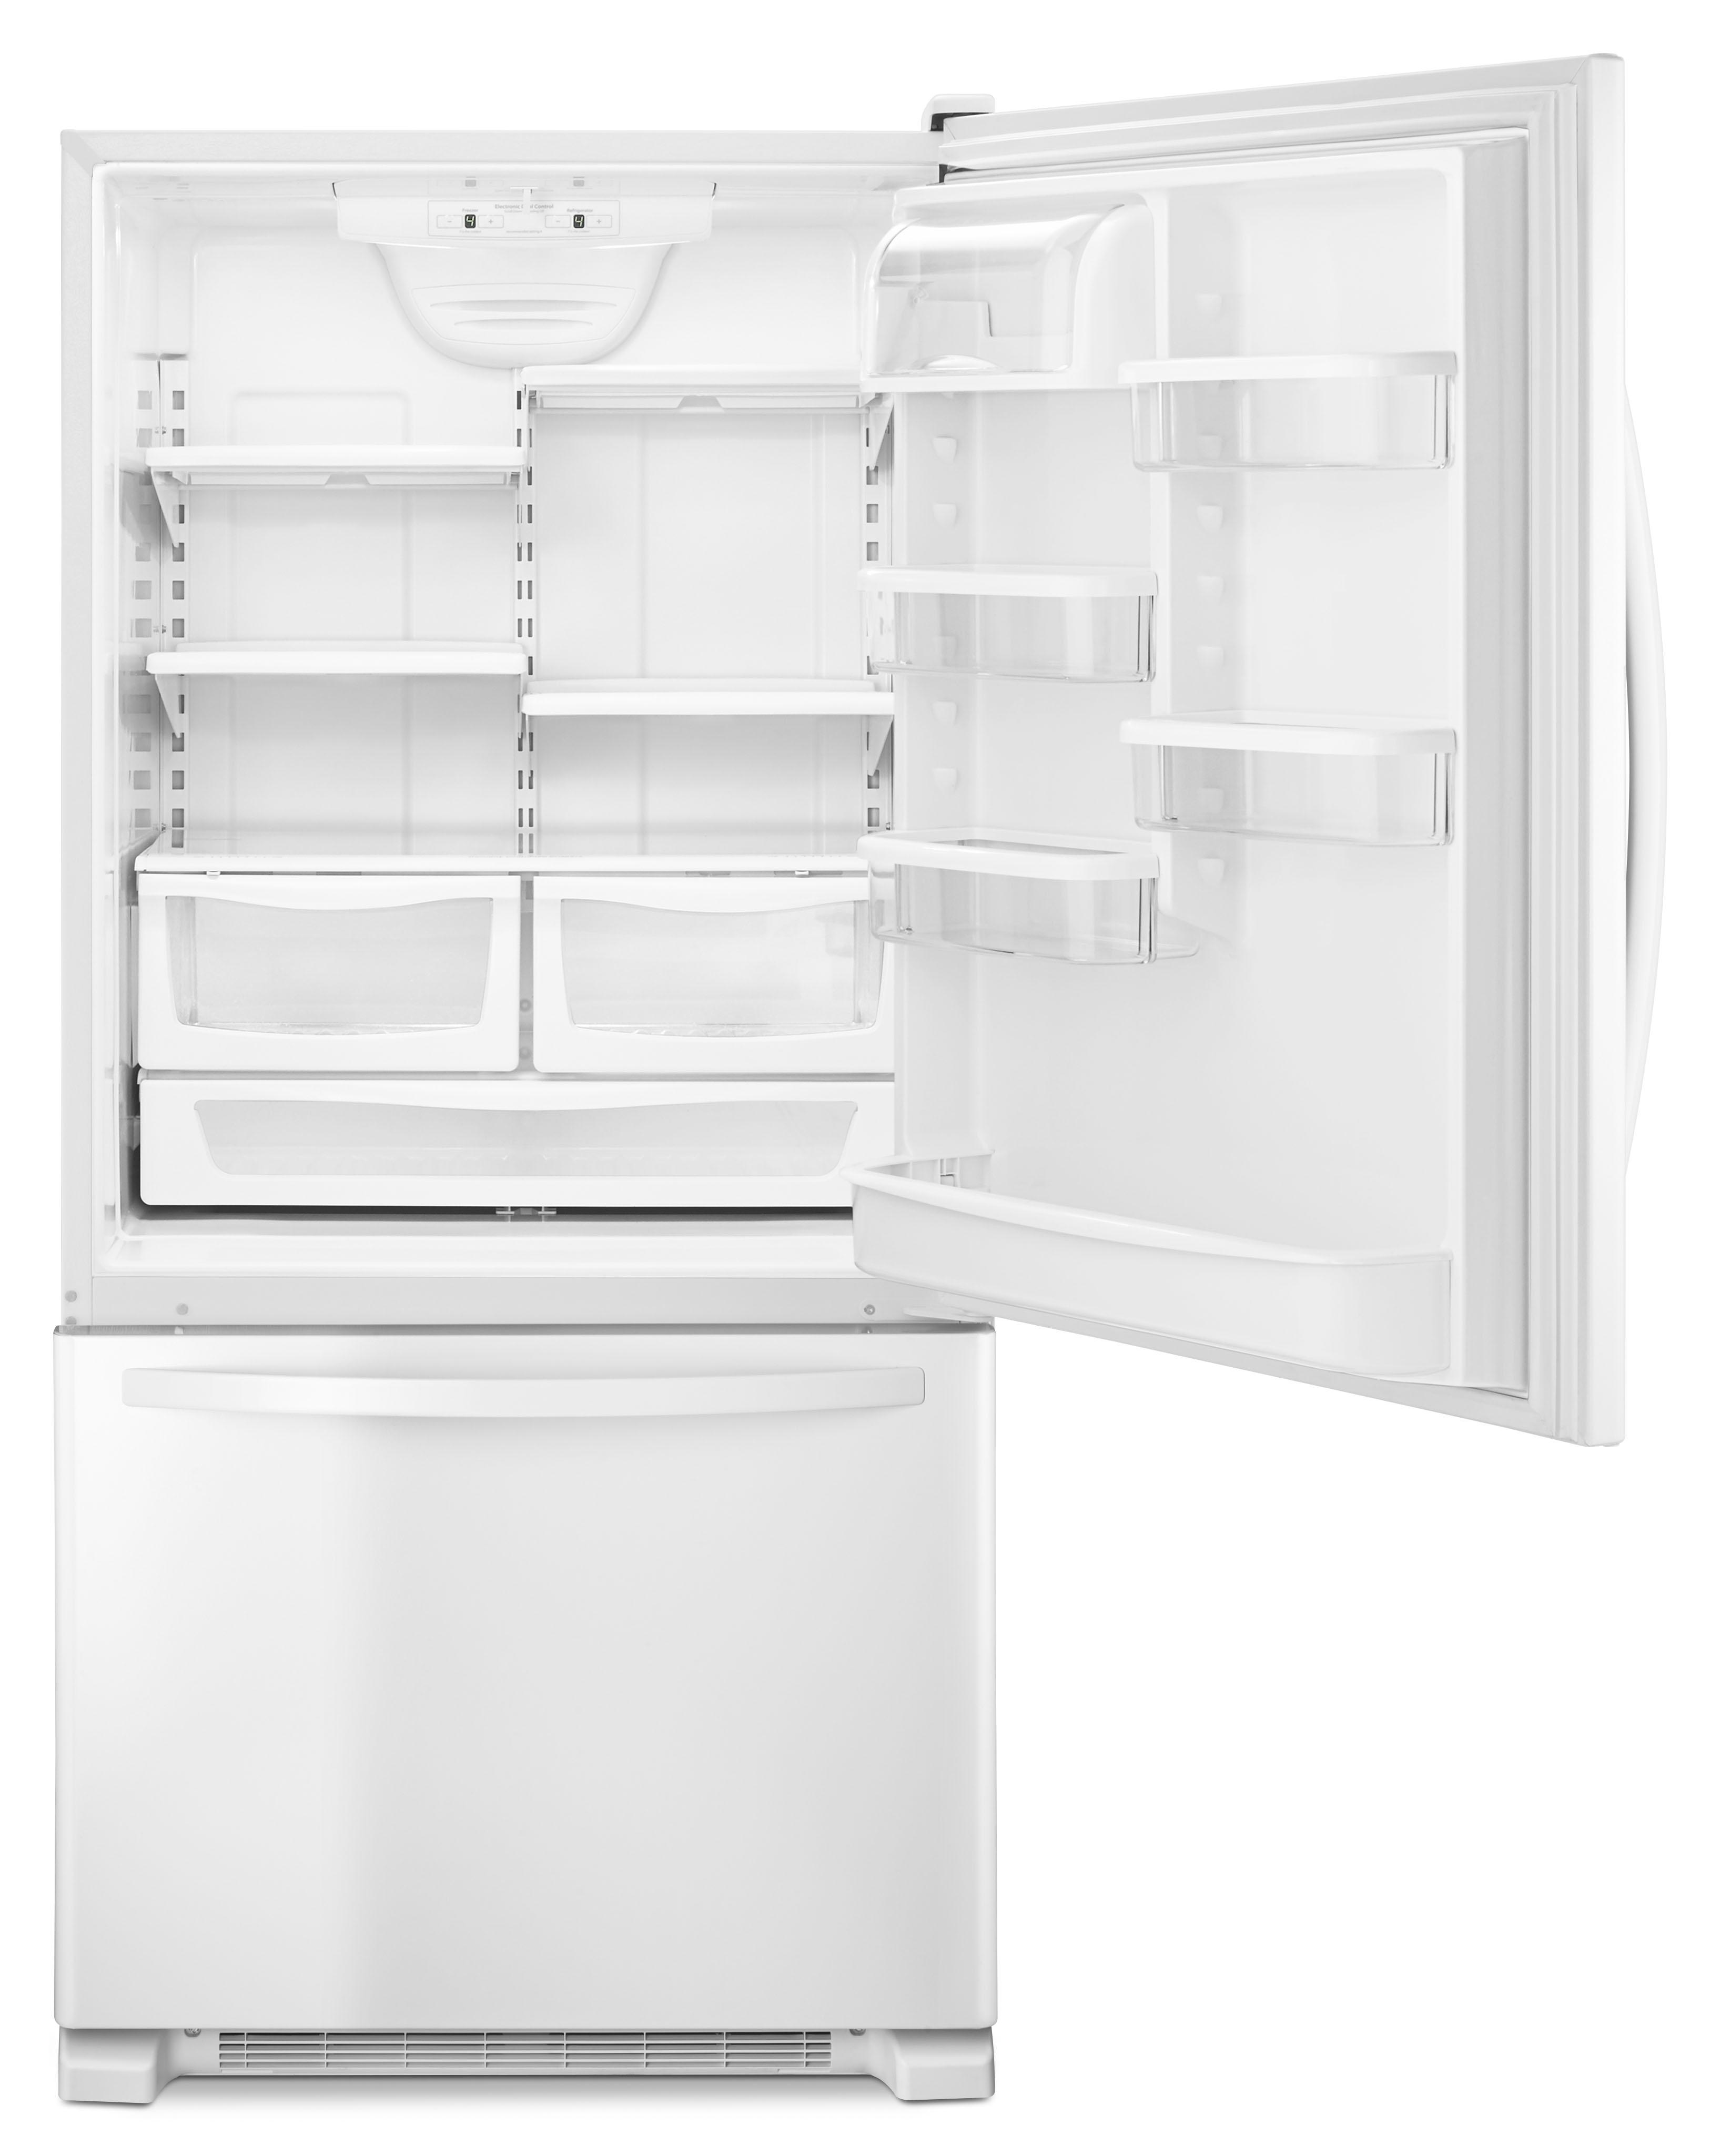 Kenmore 79312 19 cu. ft. Single Door Bottom Freezer - White